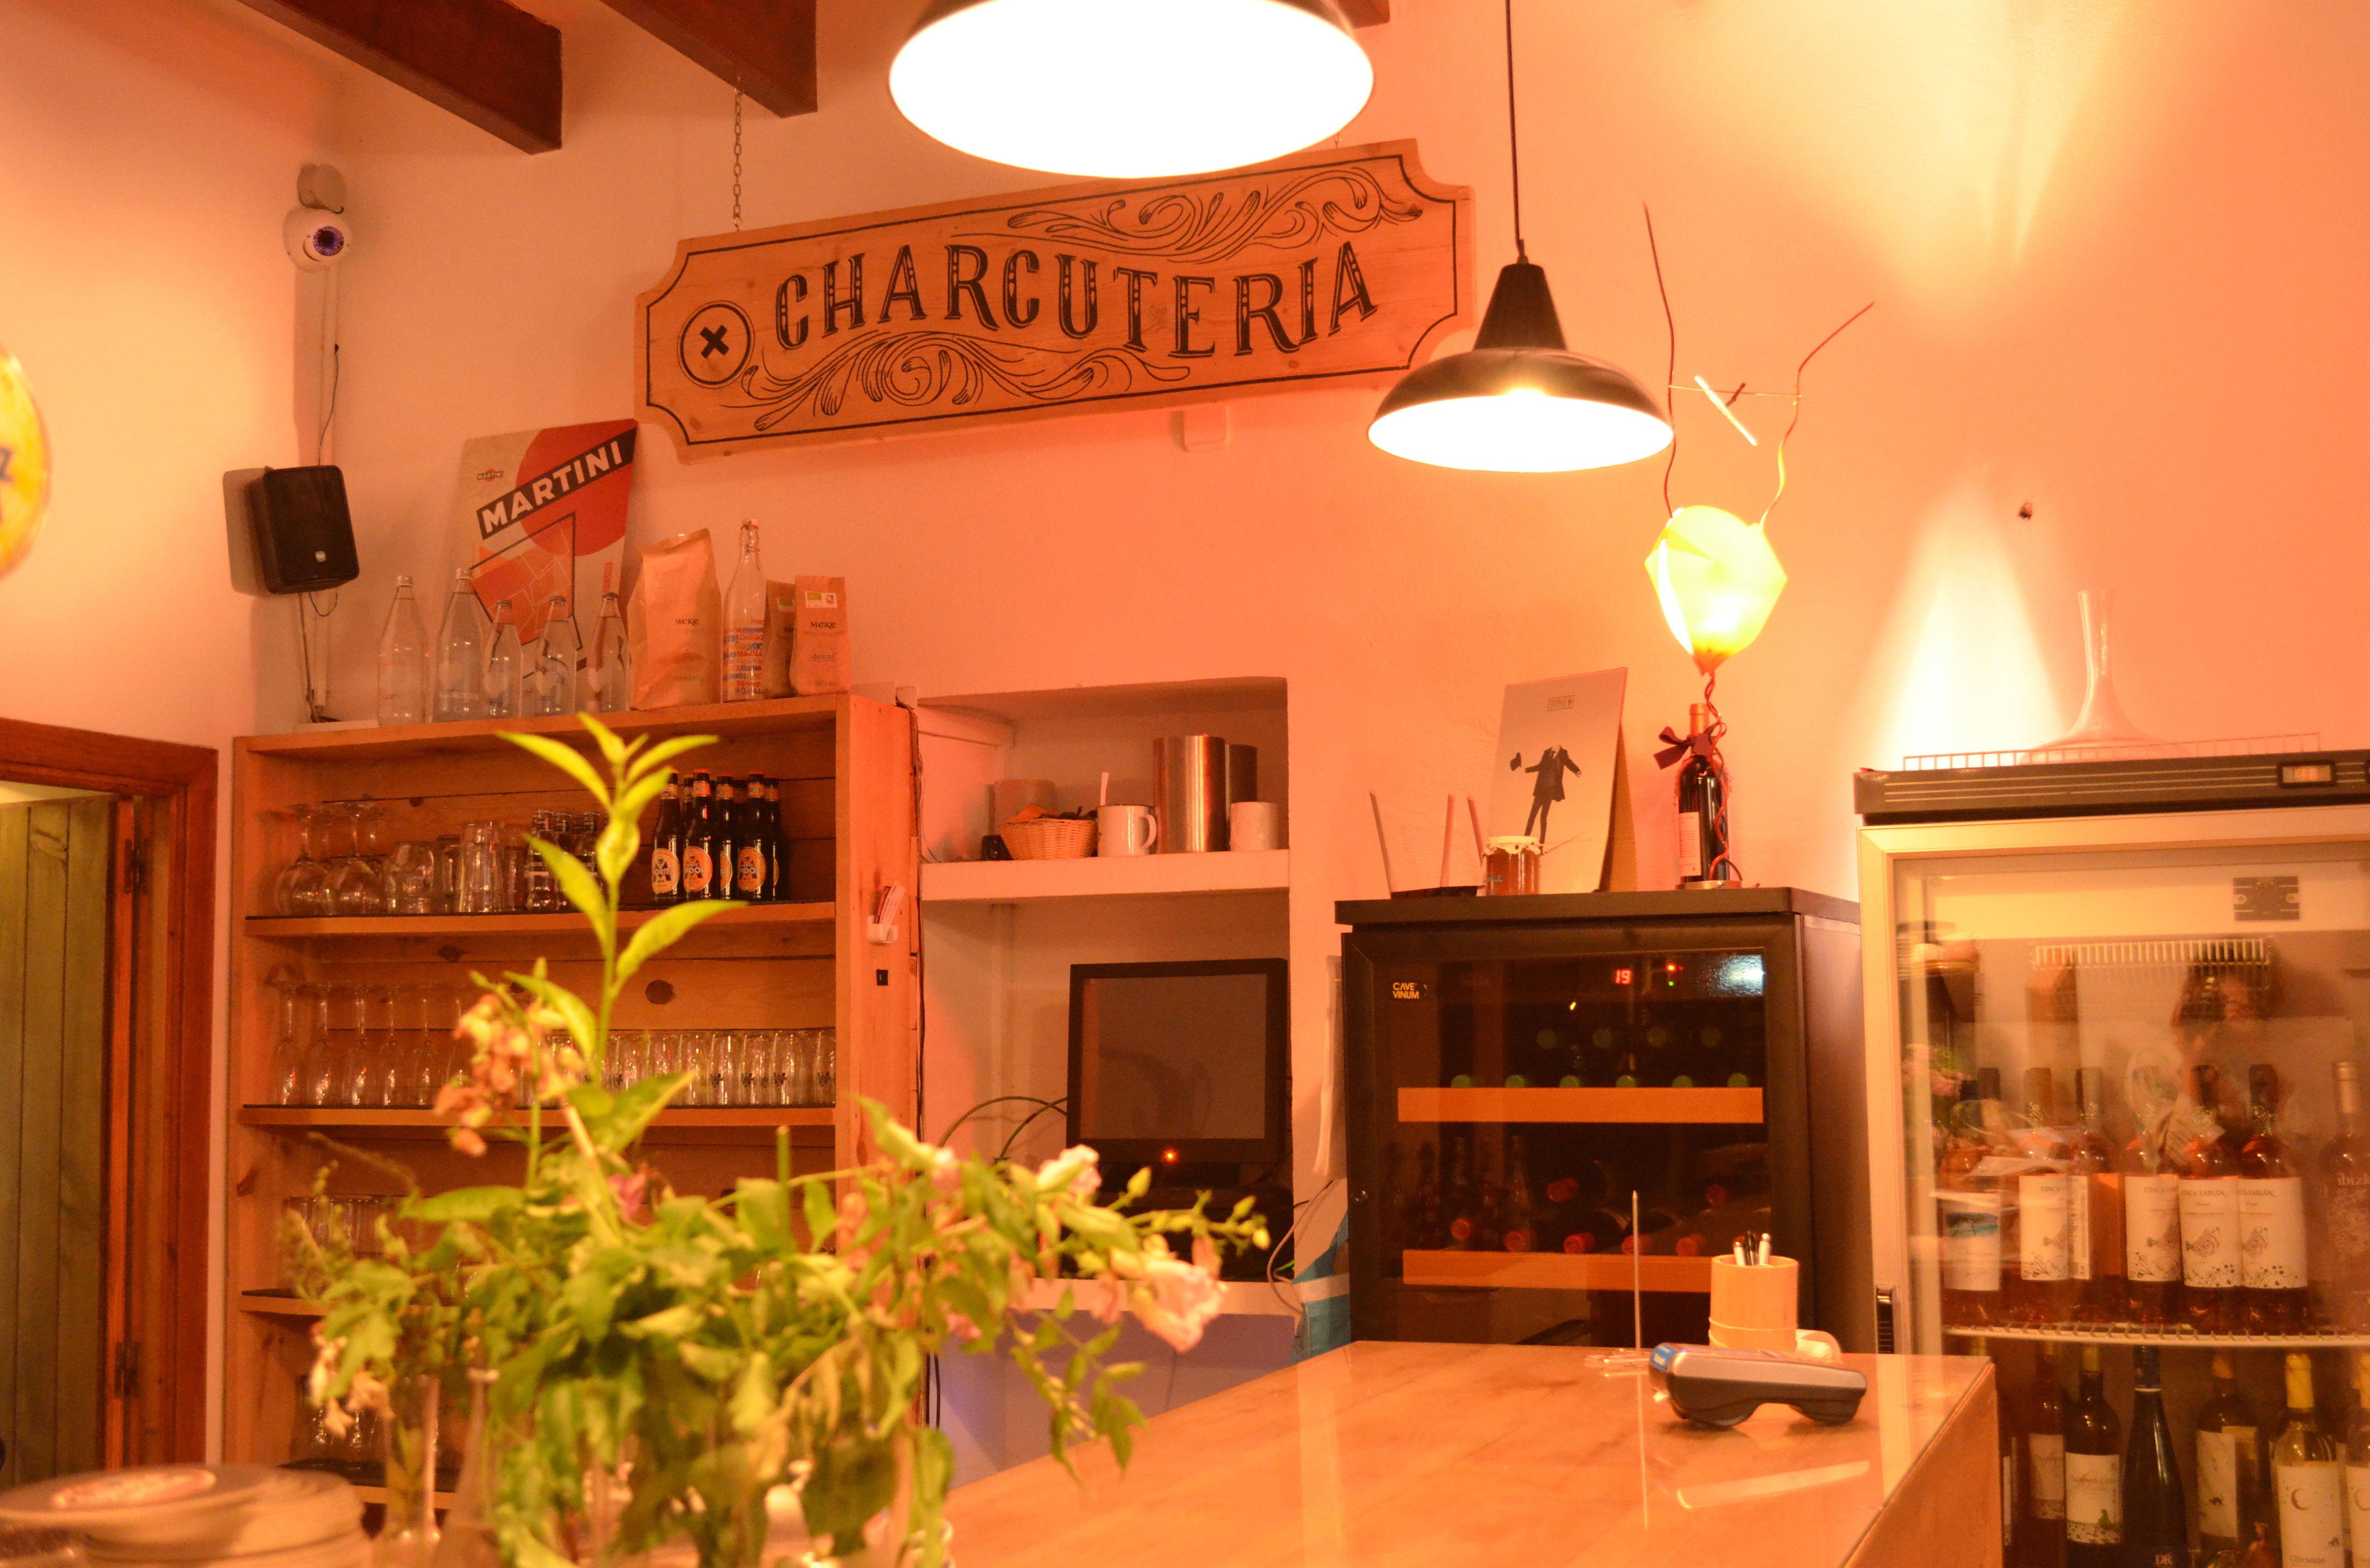 Foto 16 de Cocina mediterránea en Santa Eulària des Riu | Restaurante Parrilla con huerto propio (ESTAMOS CERRADOS HASTA EL 01/04/2019)